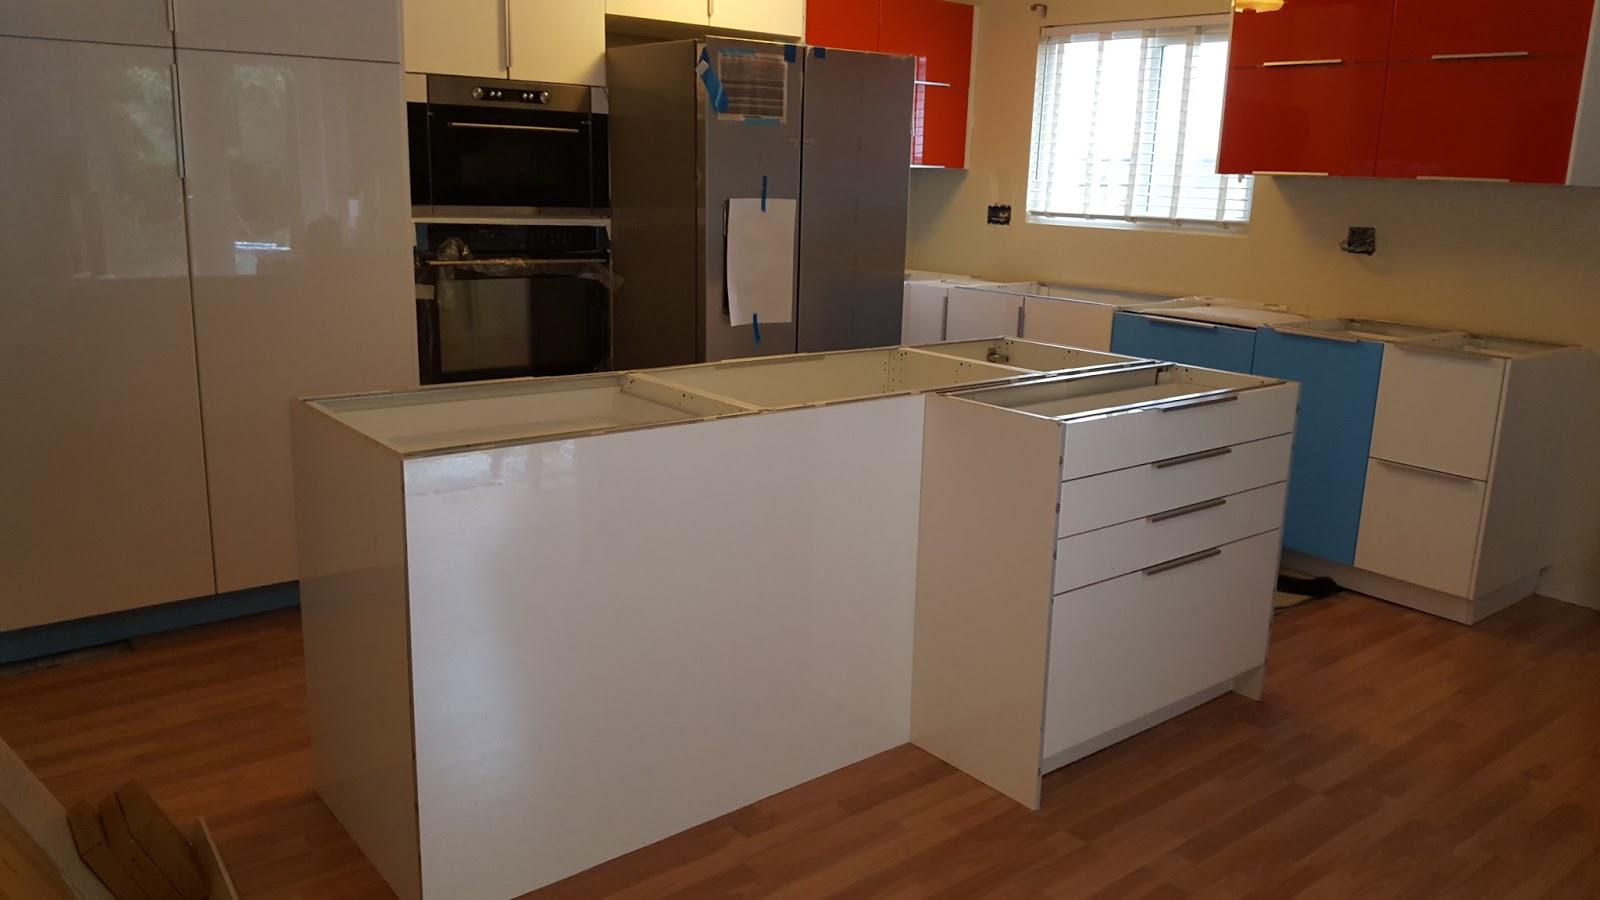 Full Size of Misc Orange Jarsta And White Ringhult Ikea Kitchen Küche Kosten Miniküche Kaufen Betten 160x200 Sofa Mit Schlaffunktion Bei Modulküche Wohnzimmer Ringhult Ikea